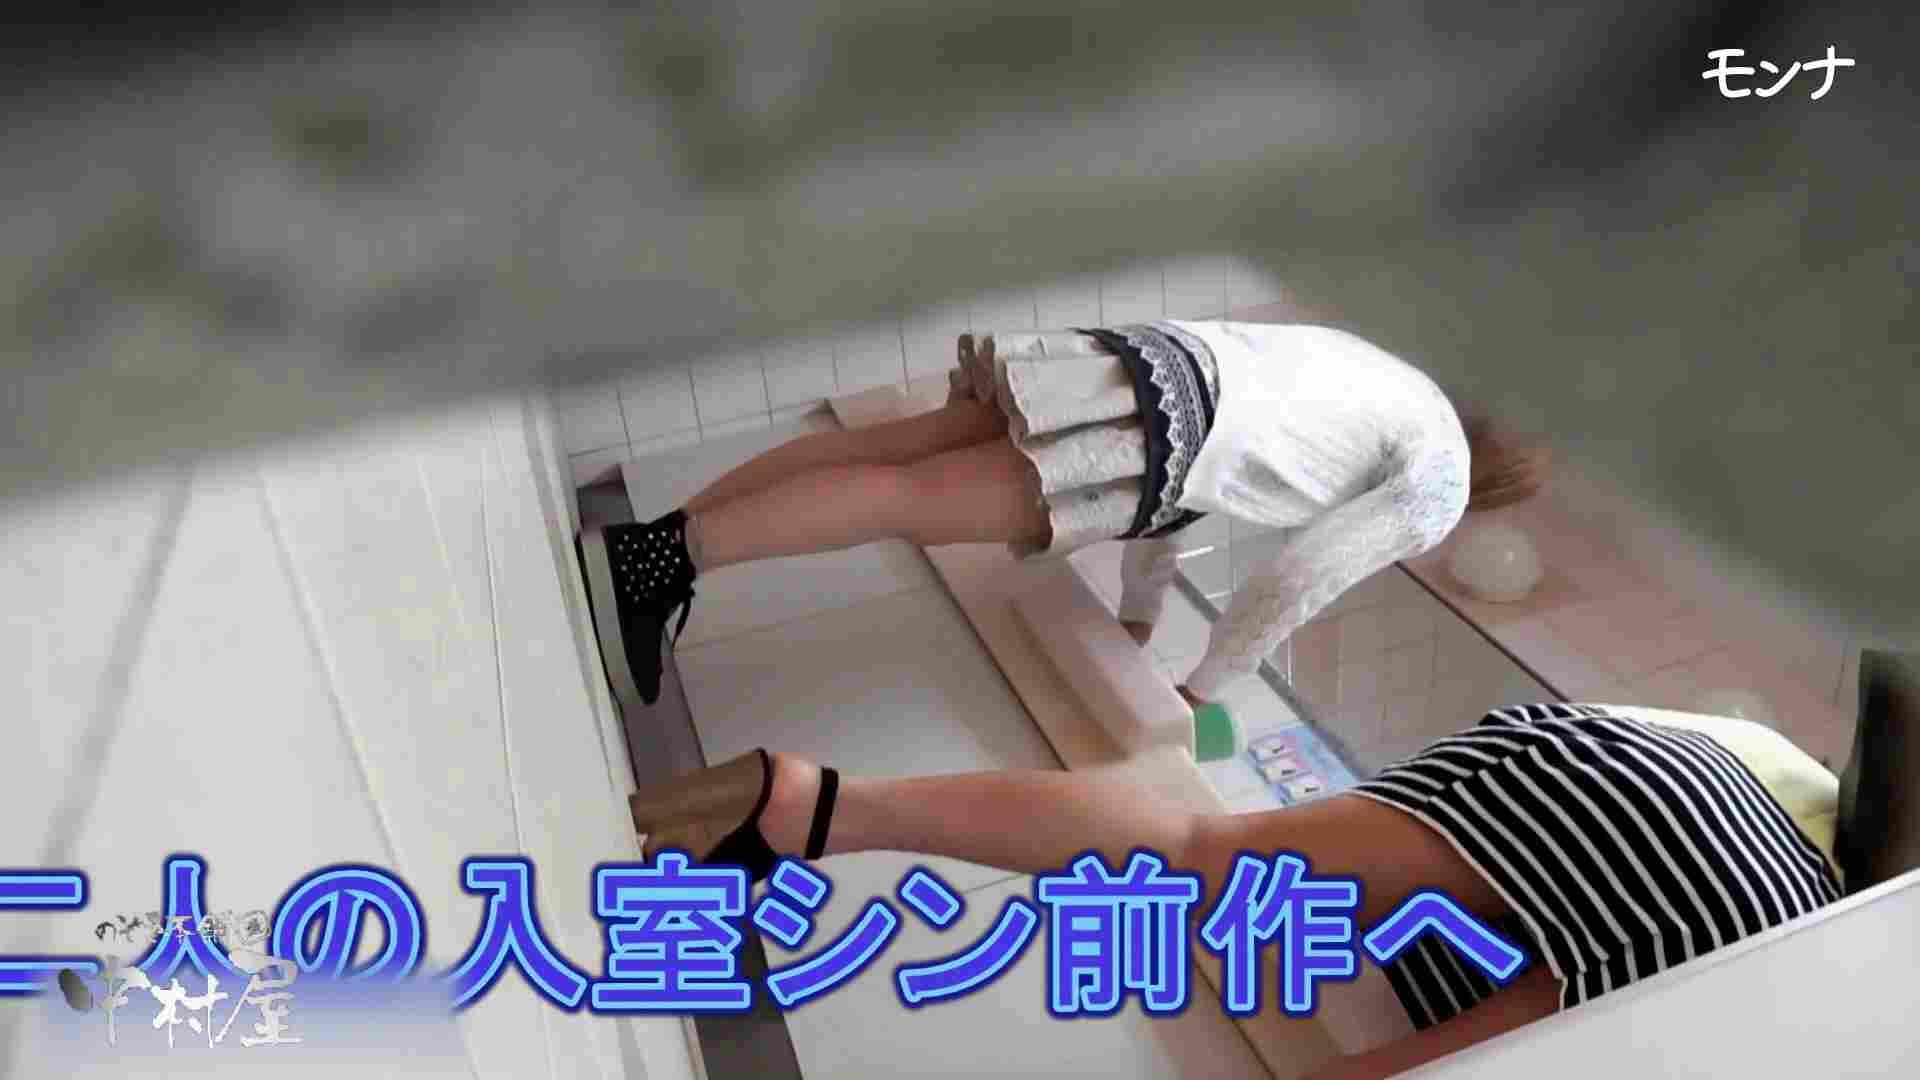 【美しい日本の未来】美しい日本の未来 No.70 若さゆえの美しい丸み 0   0  73連発 3